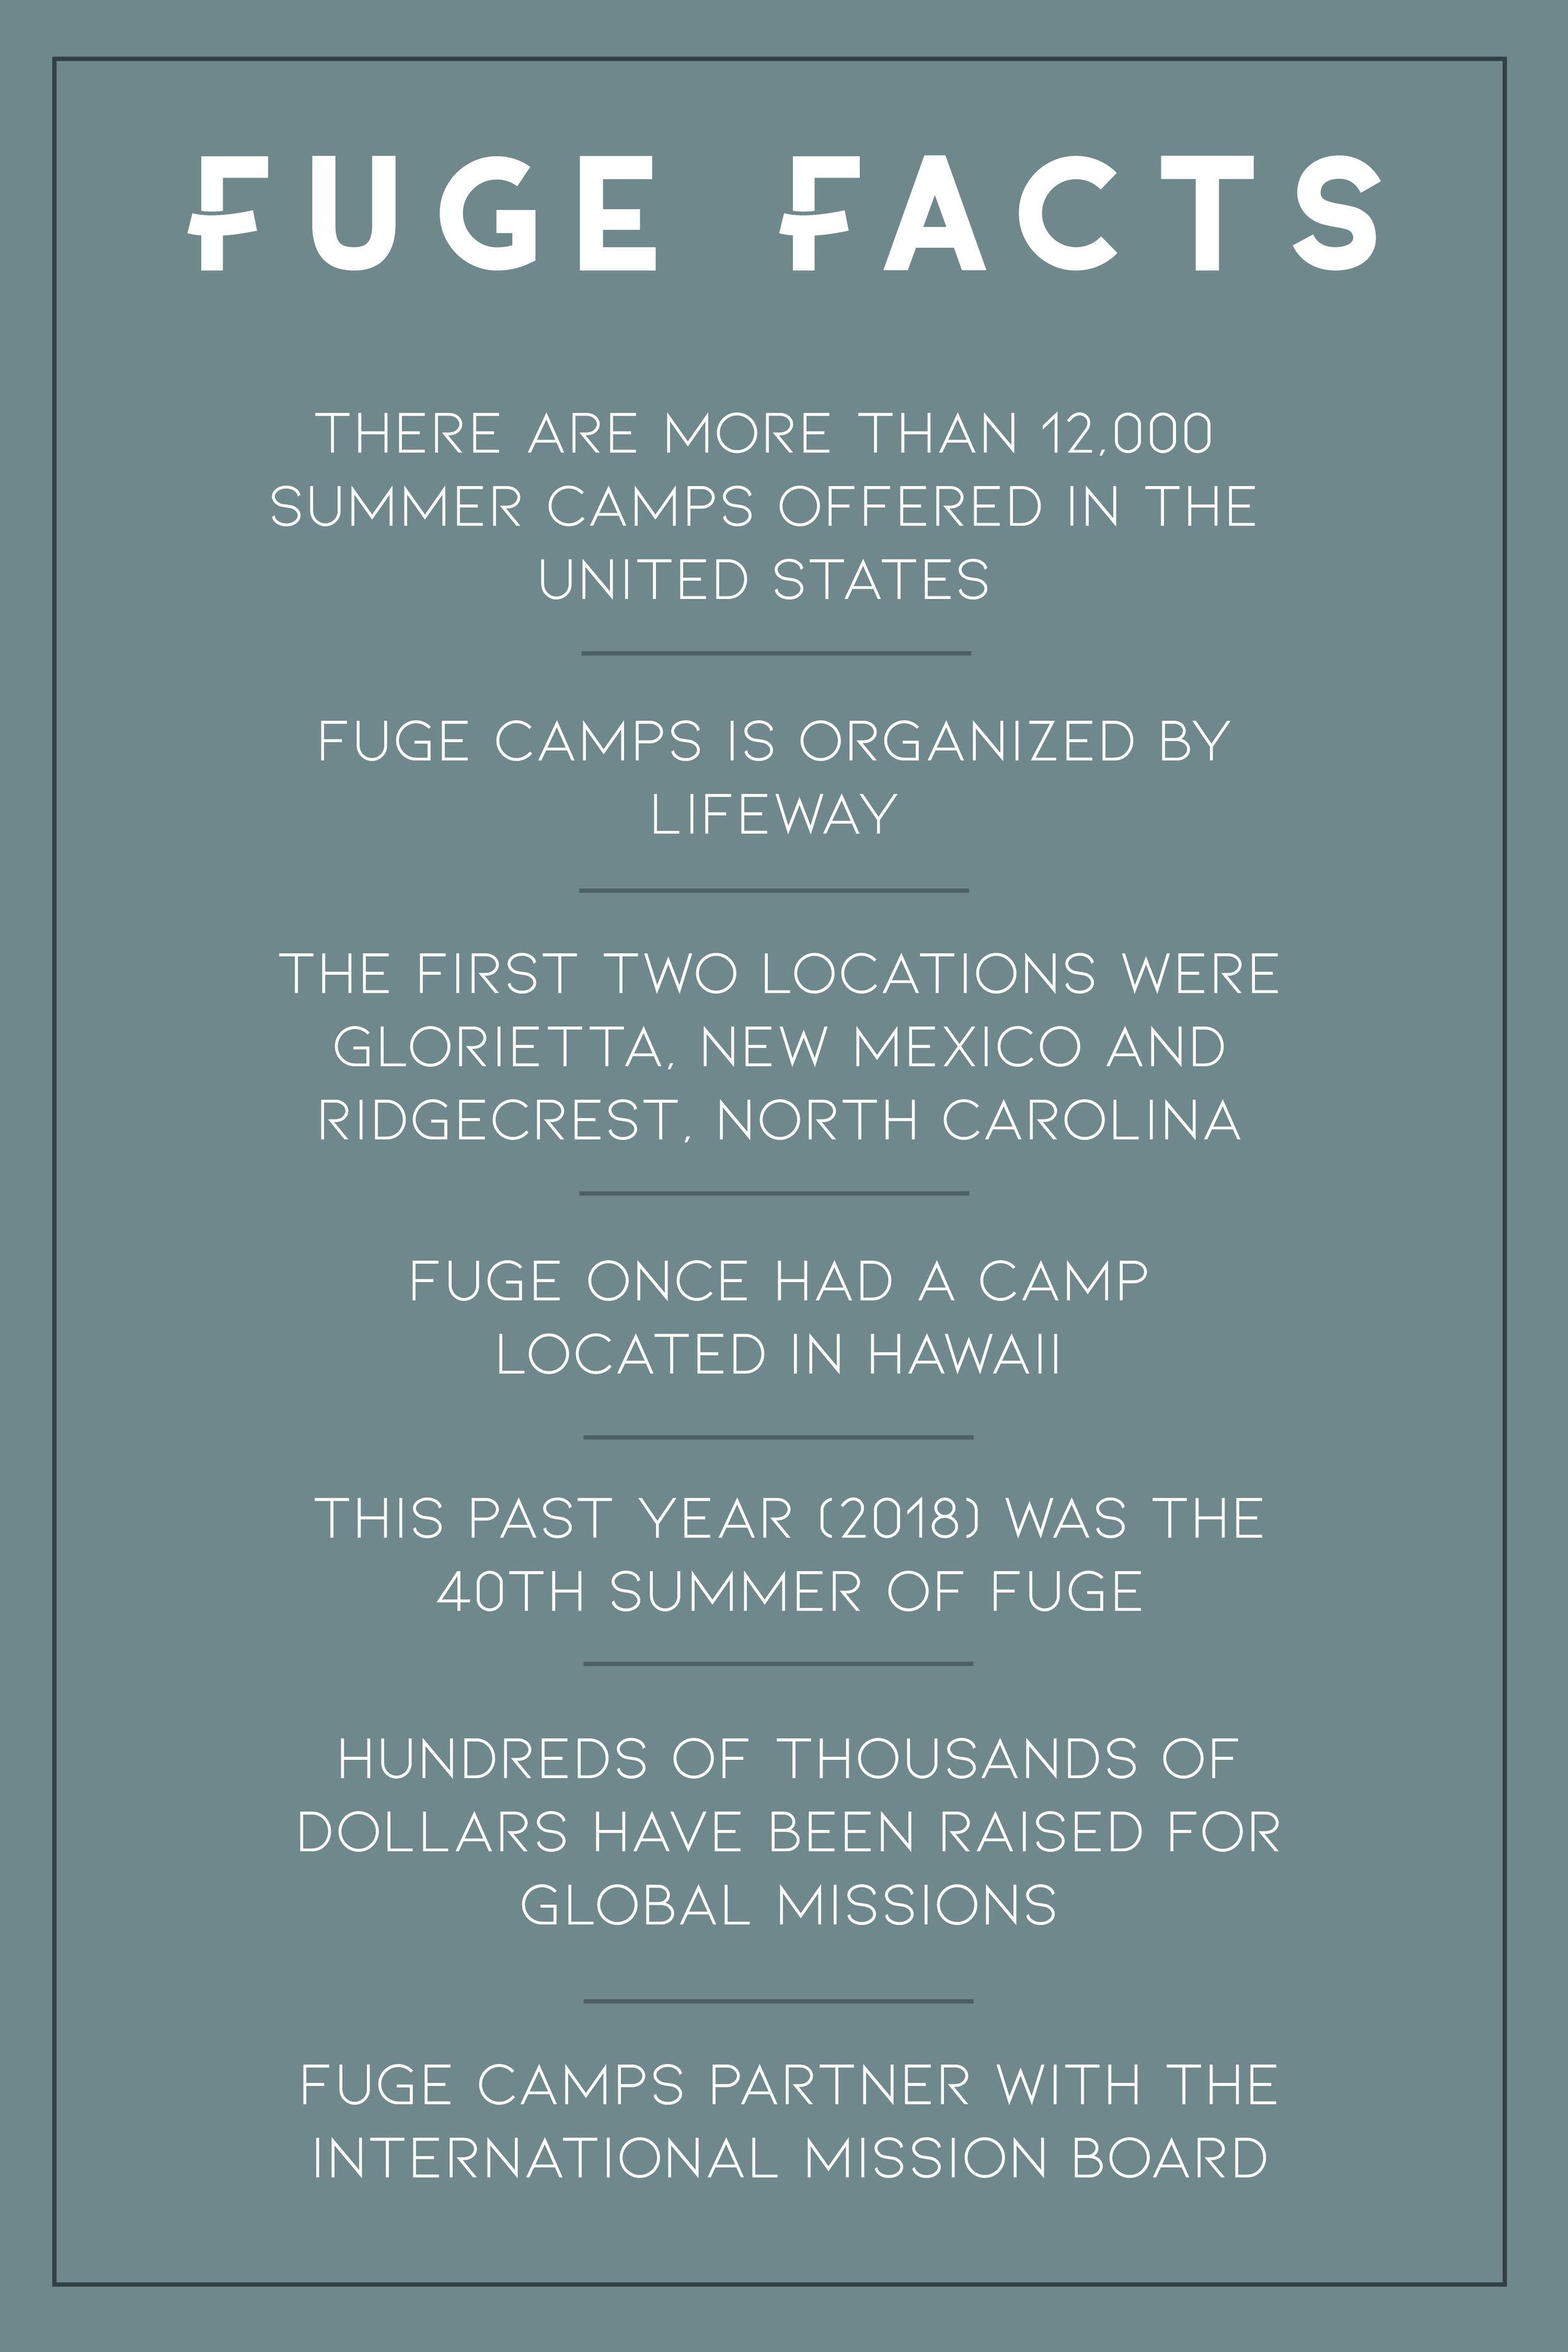 FUGE facts-01 (1).jpg